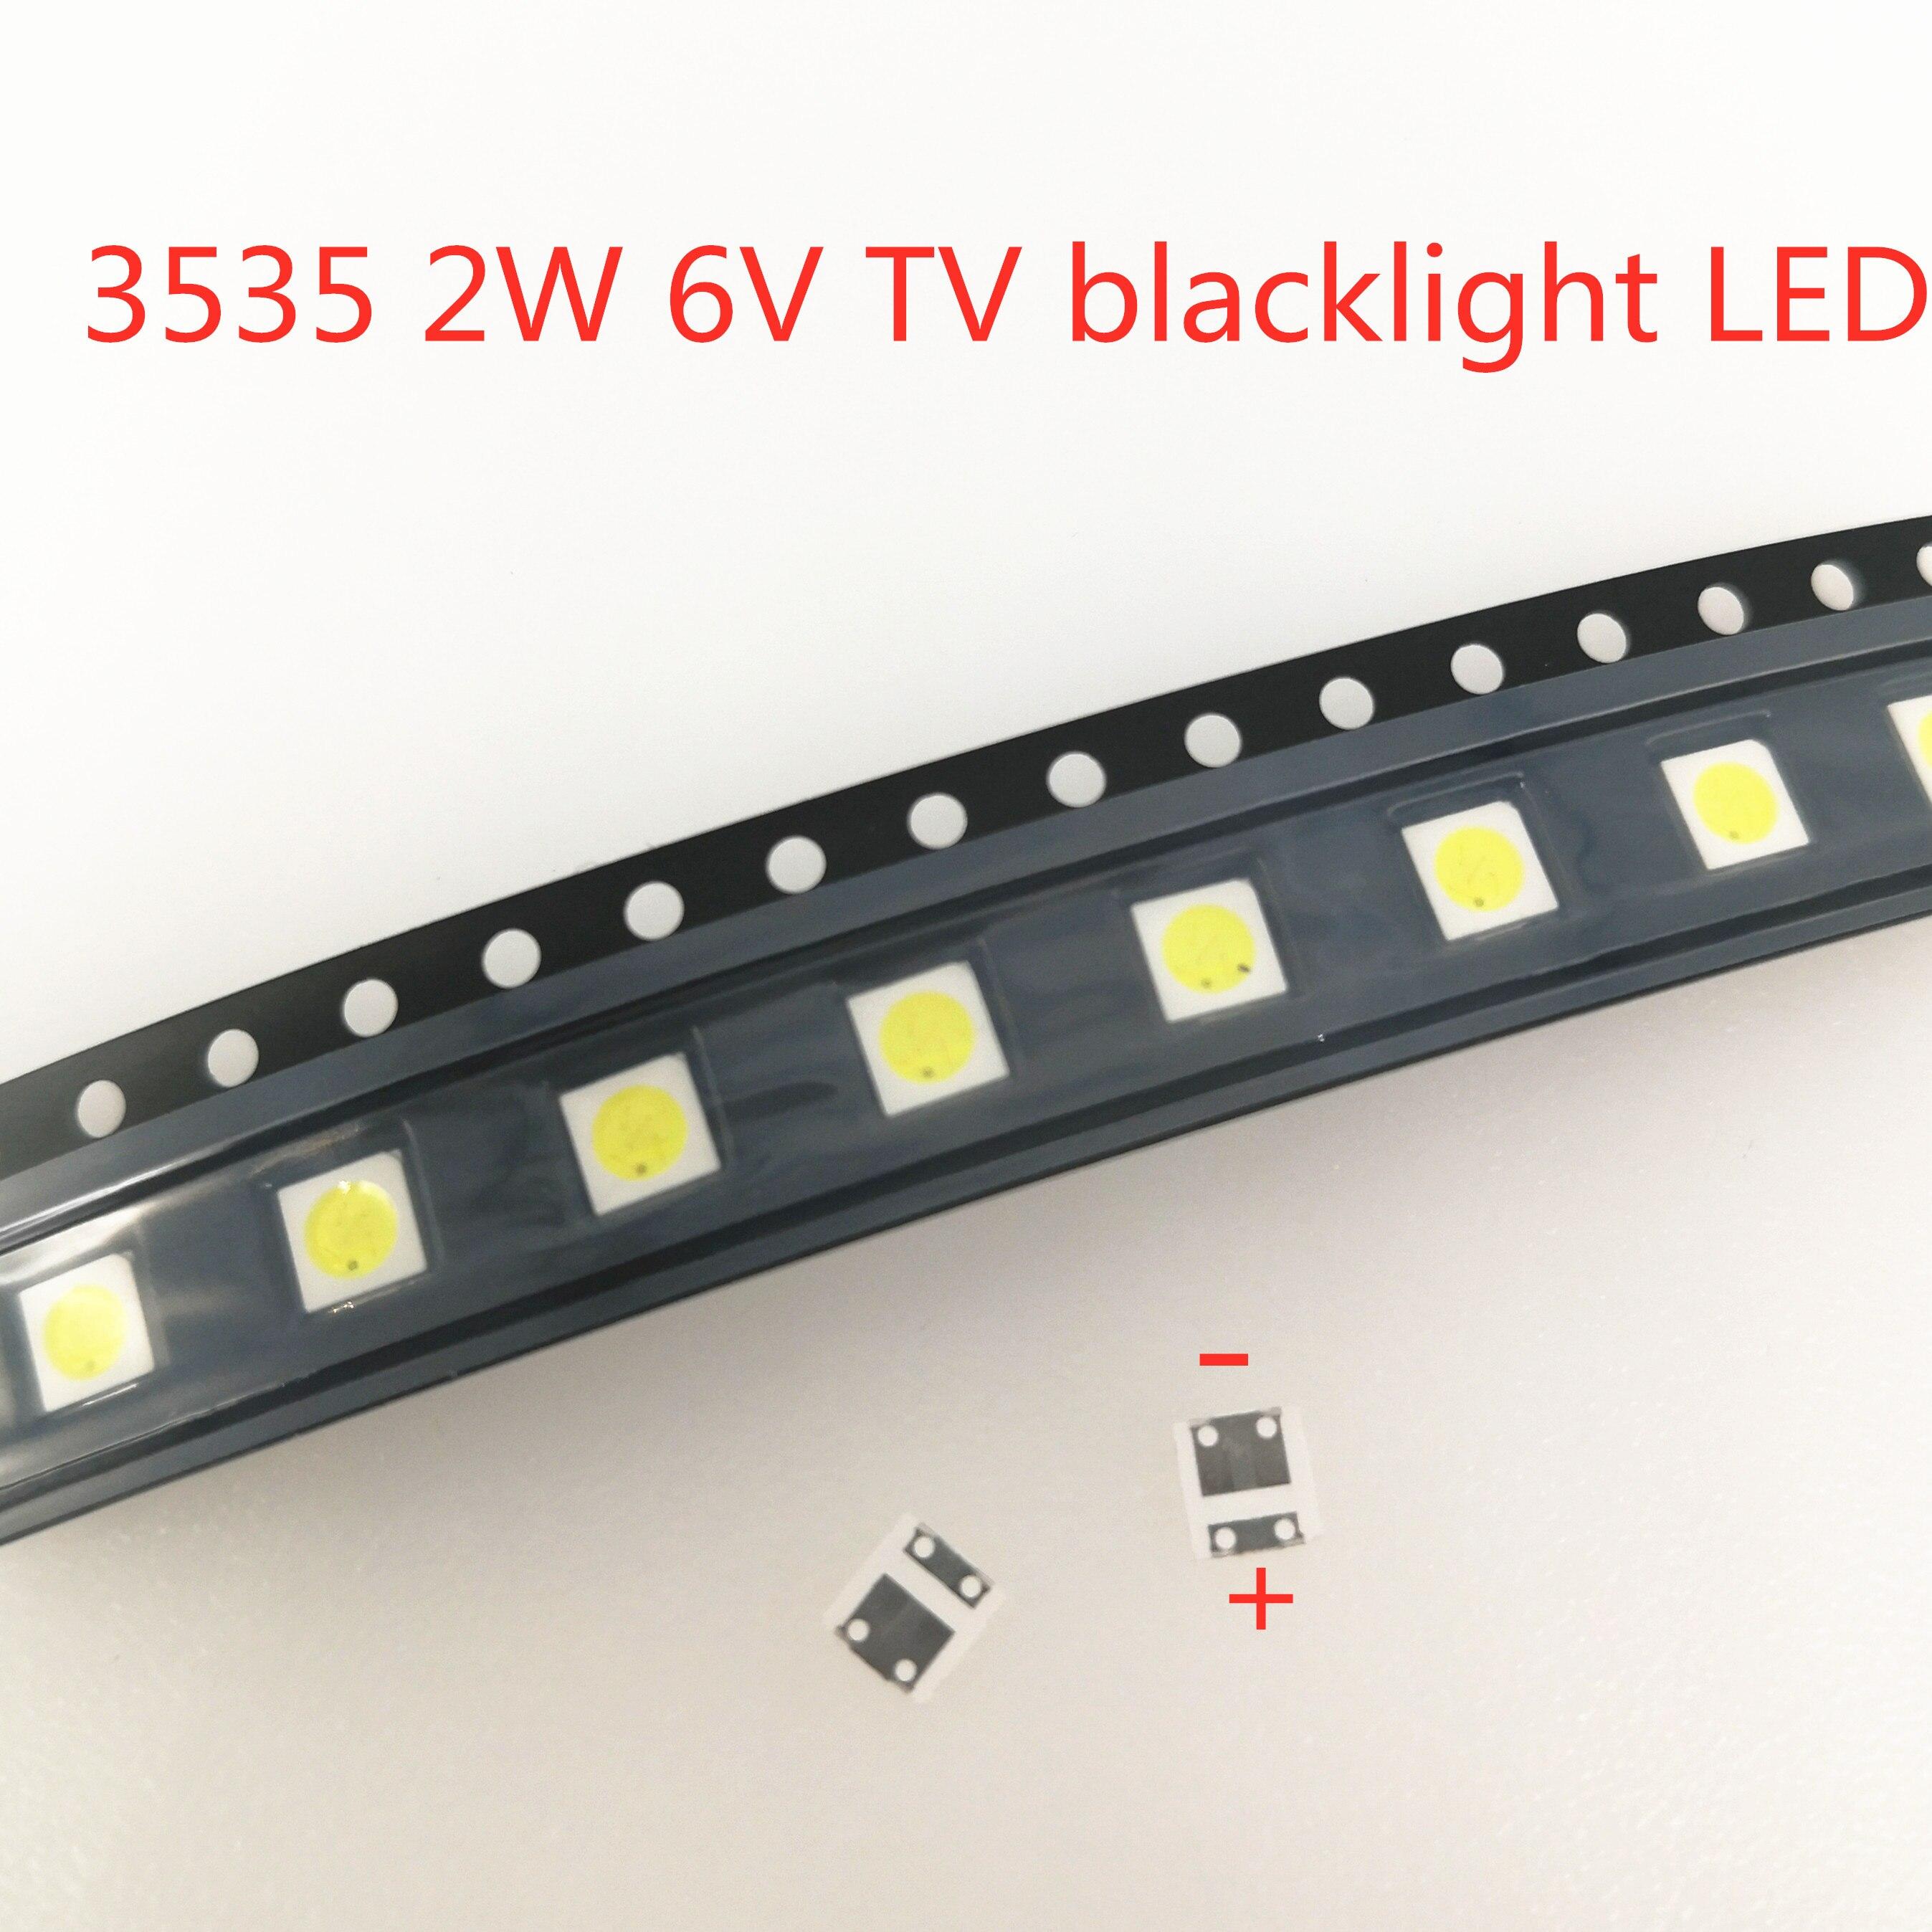 50-1000 pièces 2W 6V 3V 1W 3535 SMD LED remplacer LG Innotek LCD TV rétro-éclairage perles TV rétro-éclairage Diode Application de réparation